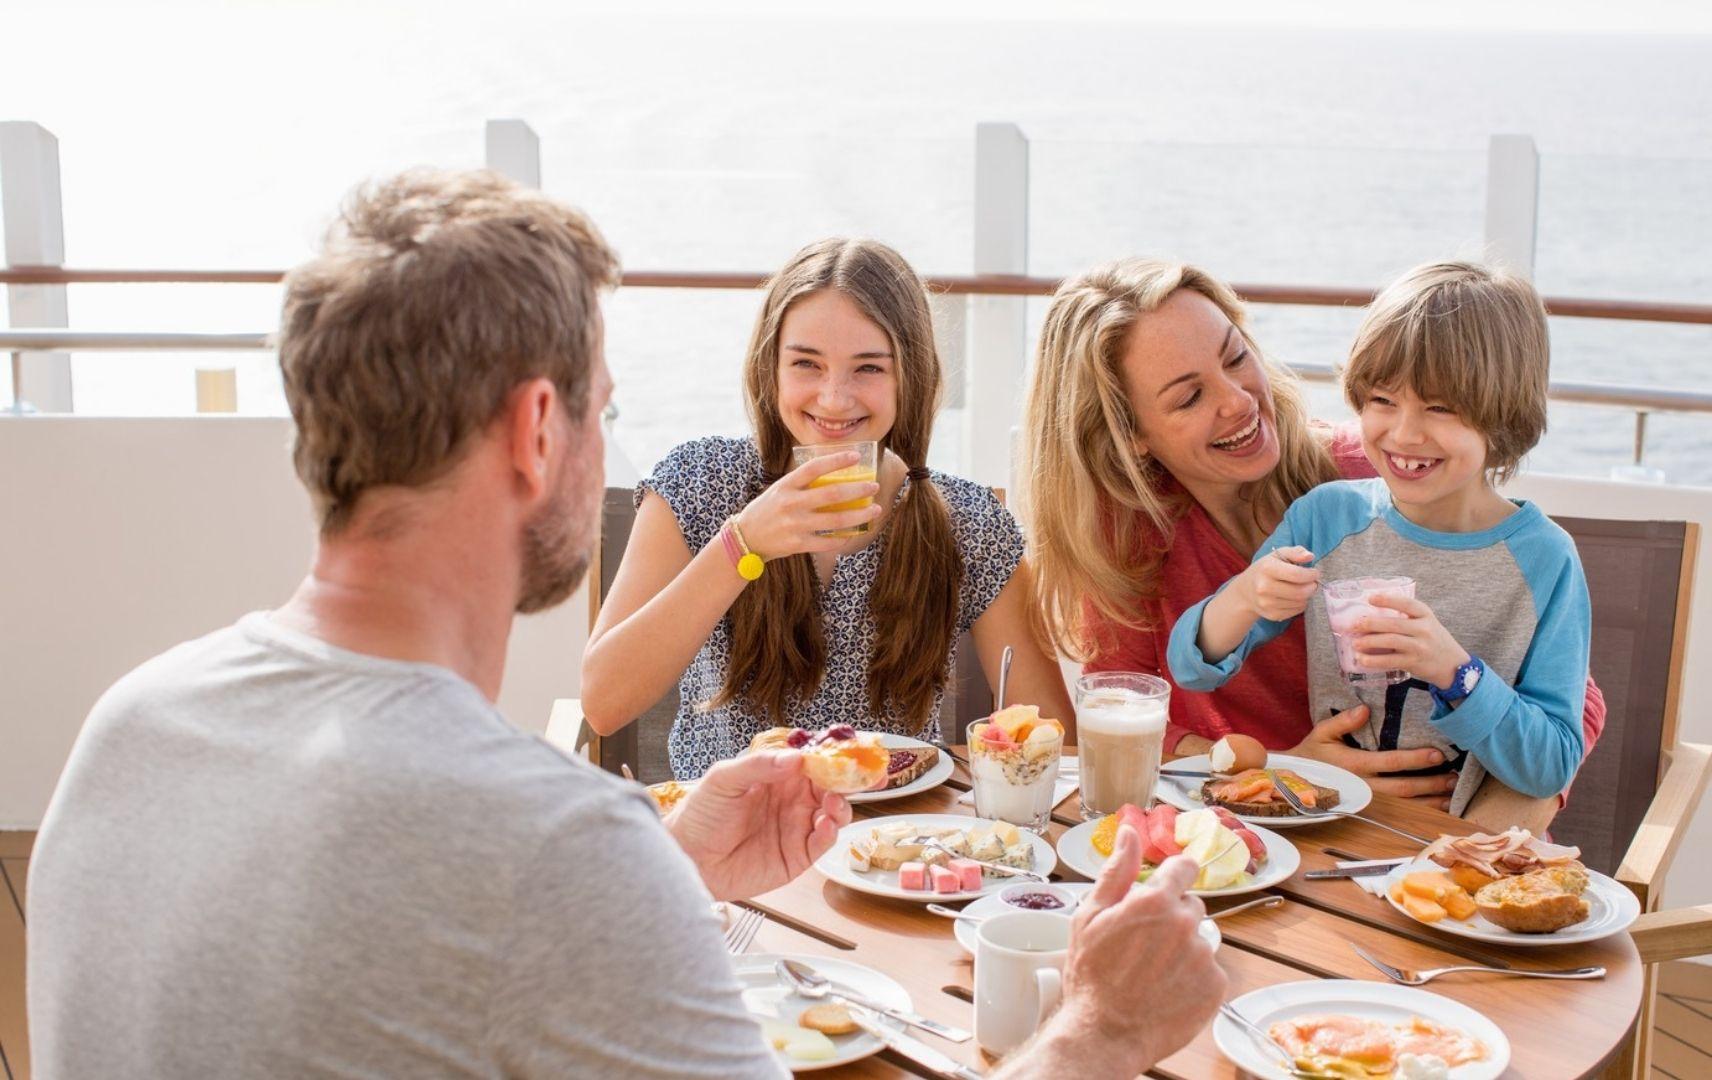 Familie sitzt am Tisch und frühstückt